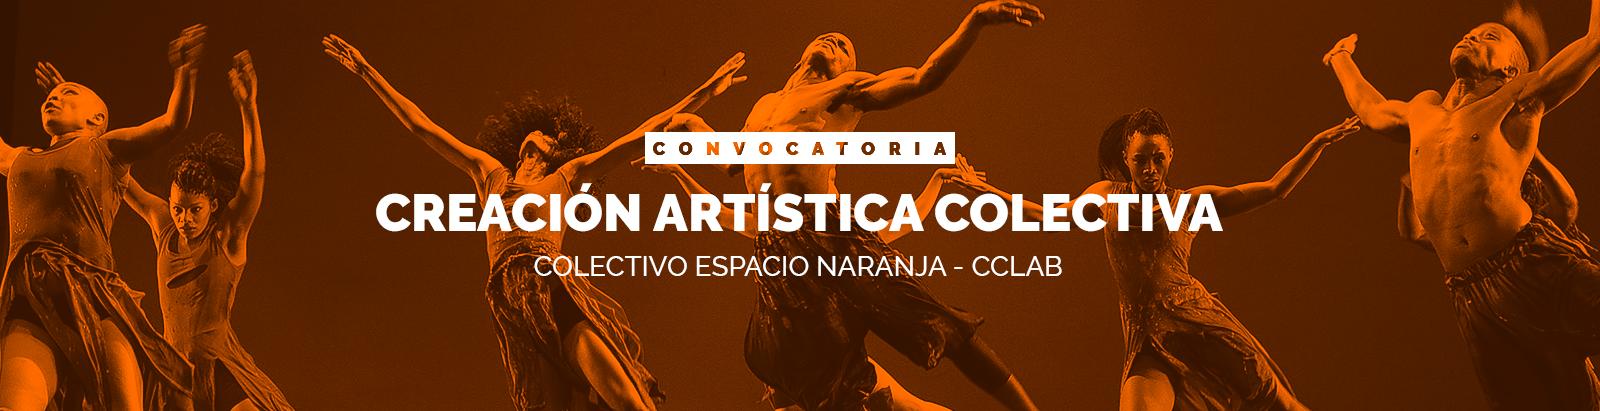 Convocatoria de Creación Artística Colectiva